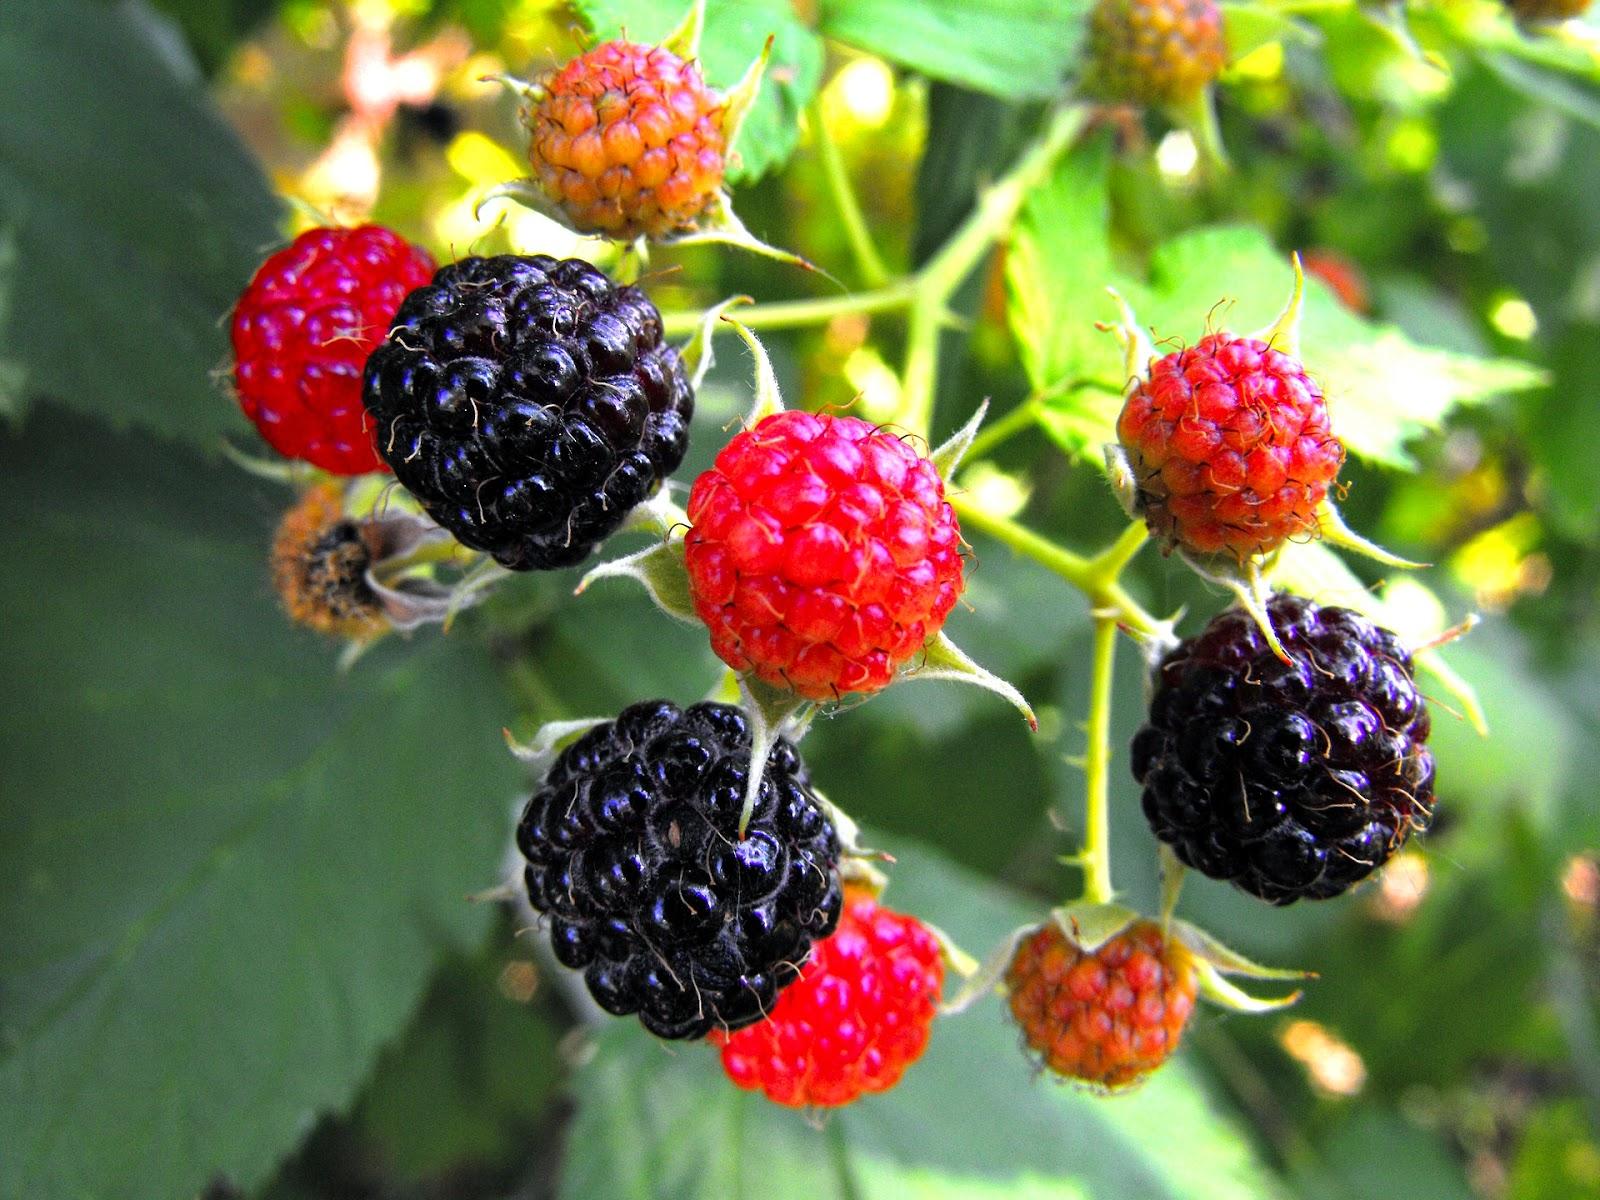 Διαδικασία για να βγάλετε τους  λεκέδες από κόκκινα φρούτα.